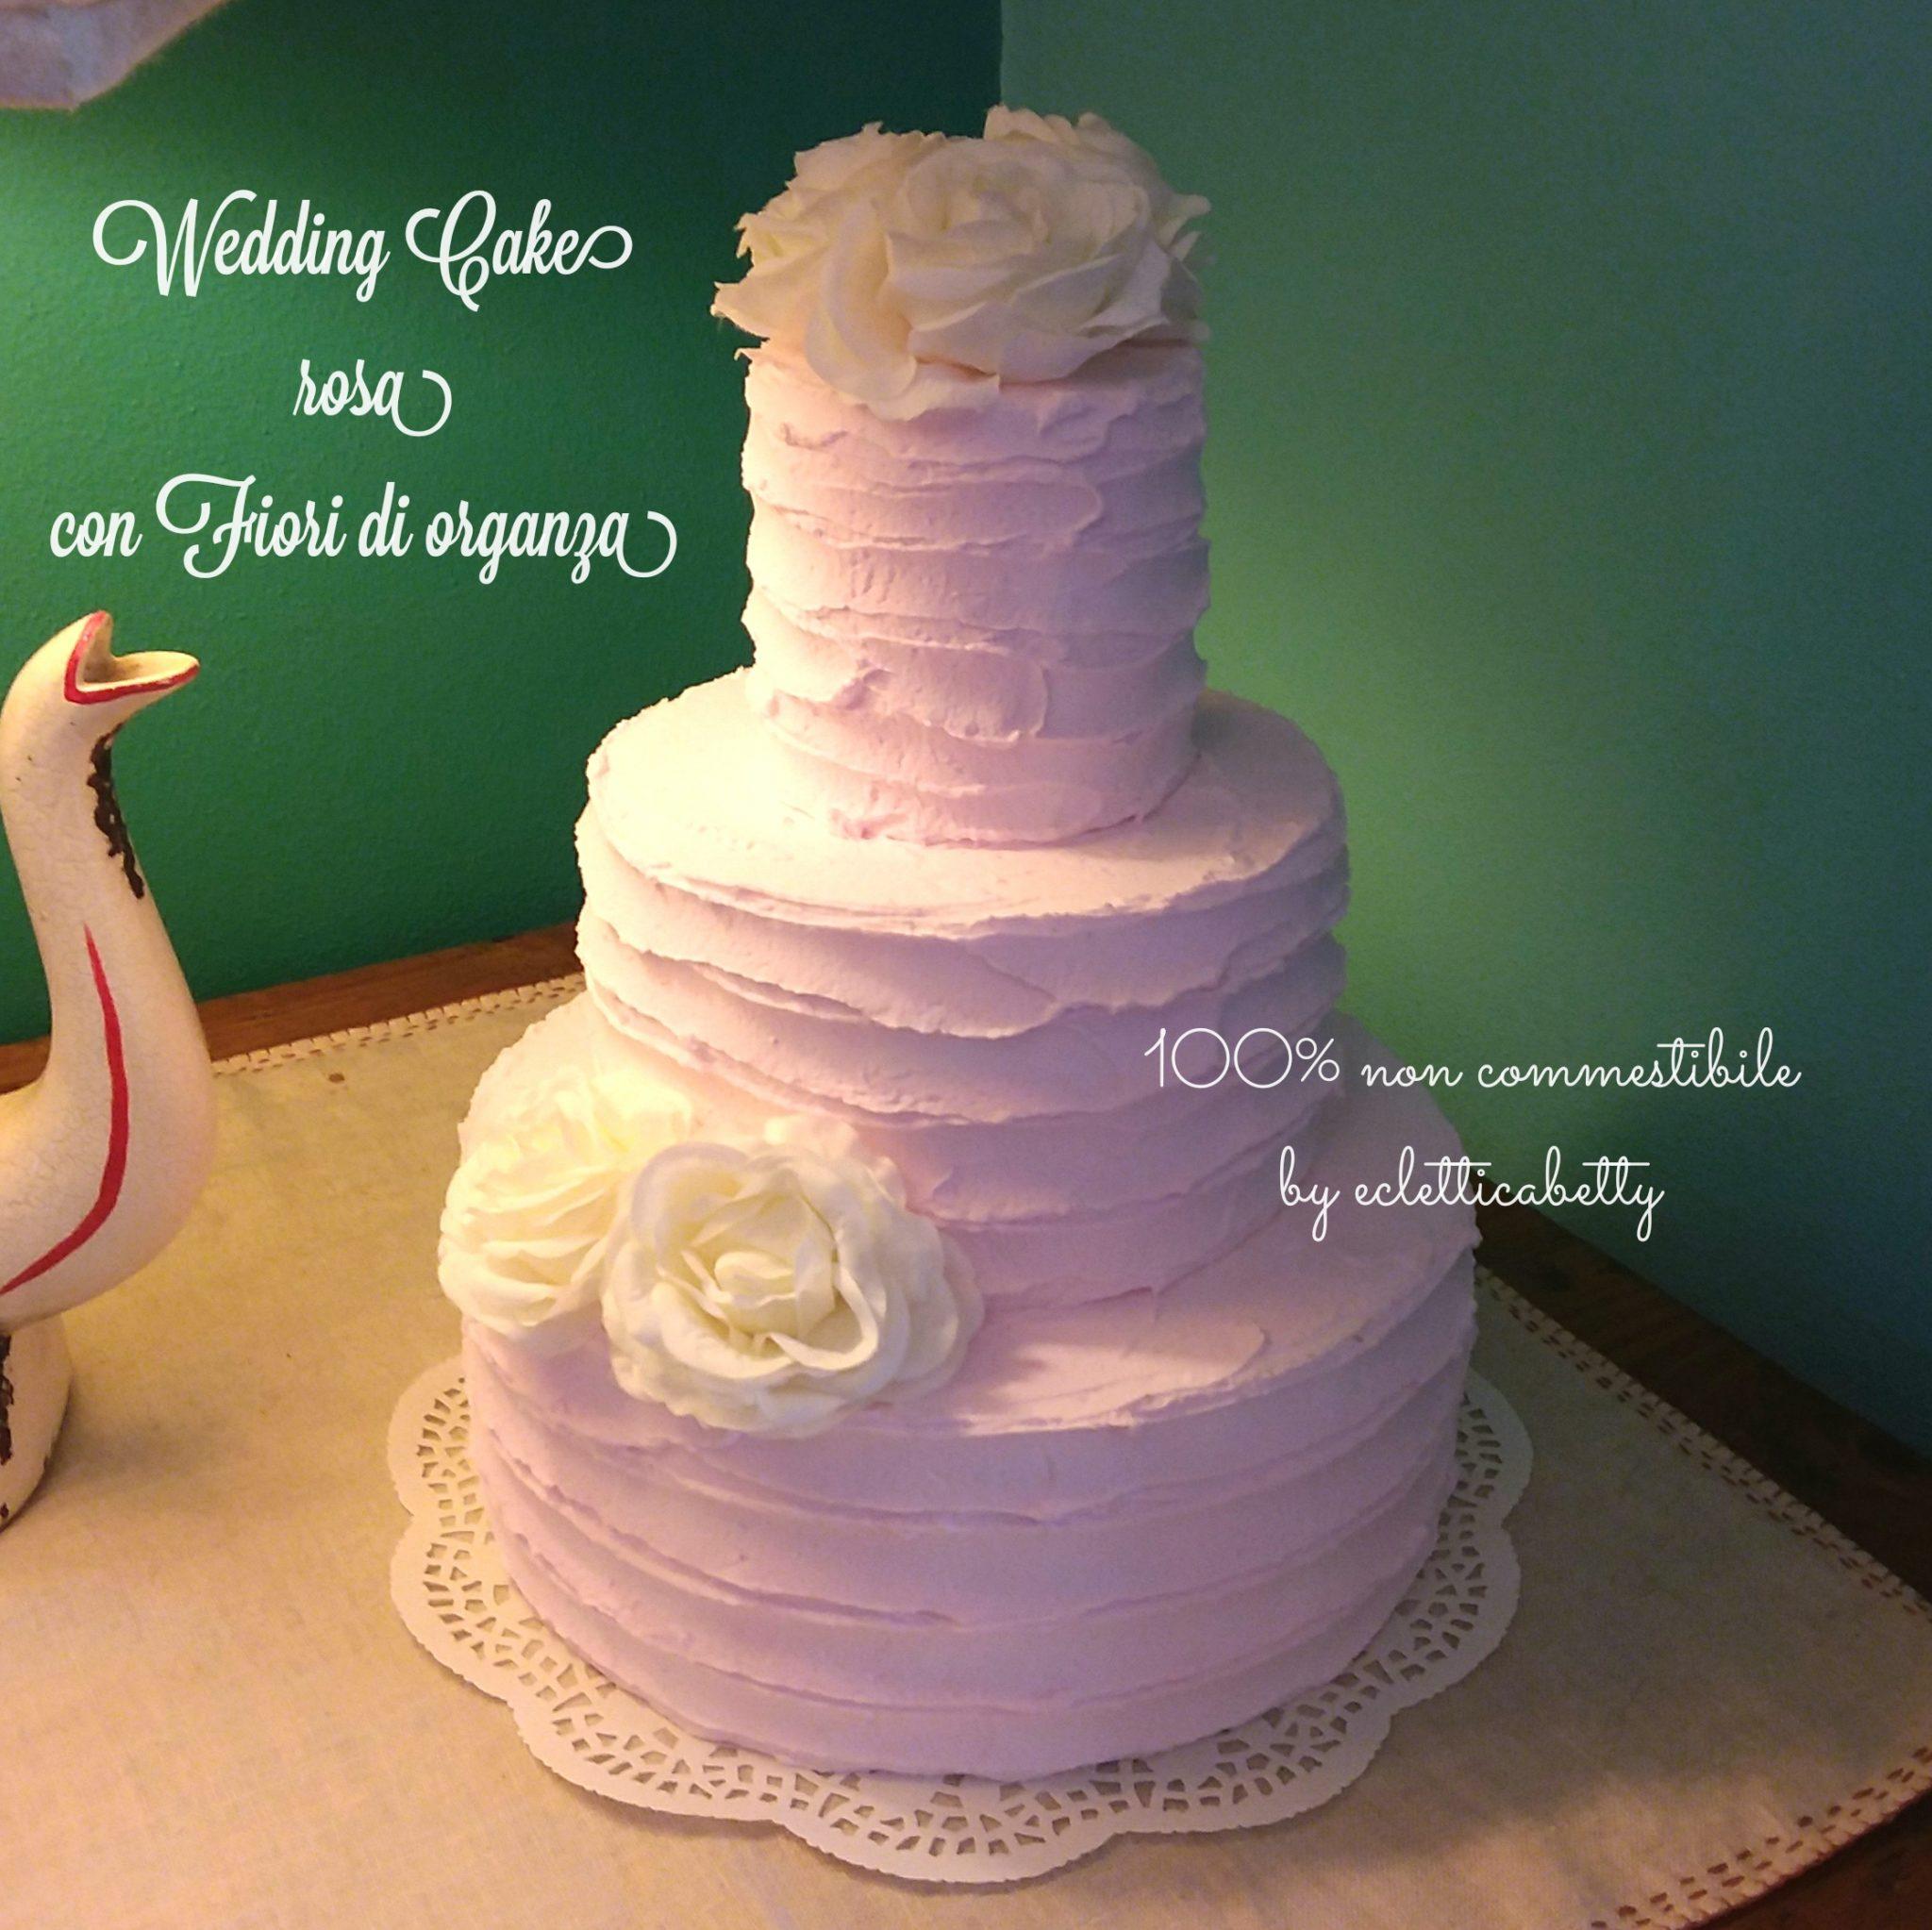 Wedding Cake Rosa Con Fiori Di Organza Ecletticabetty